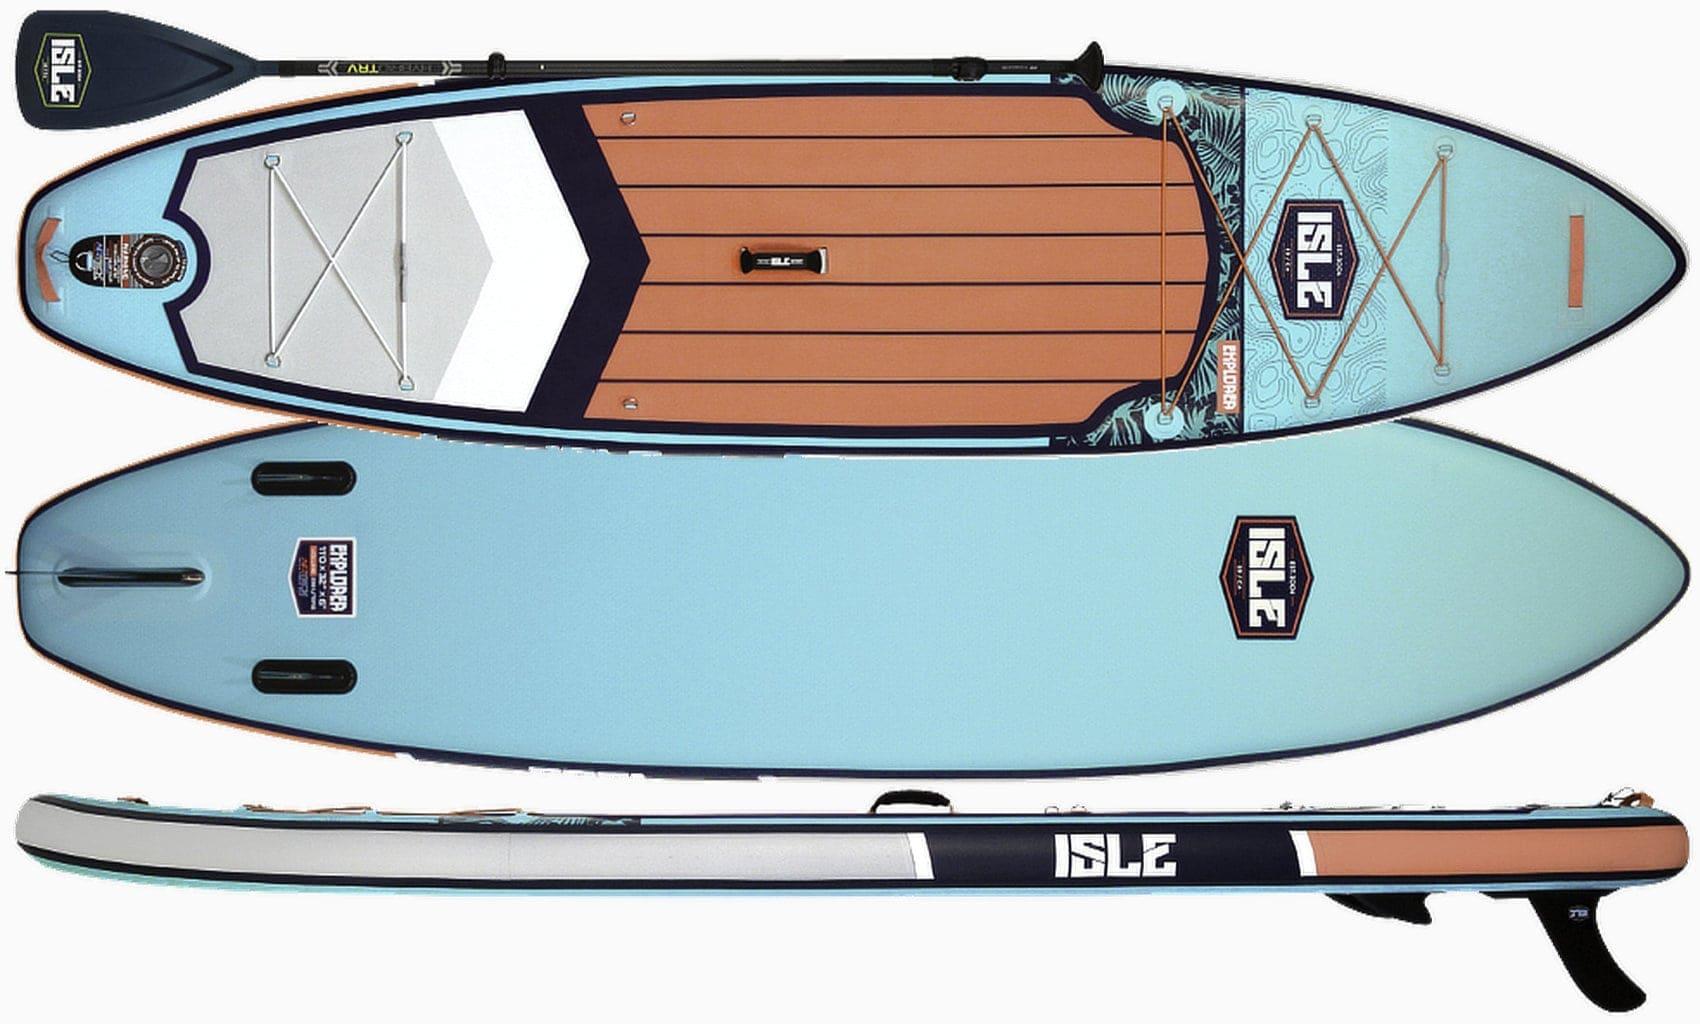 2019 ISLE Explorer 11'